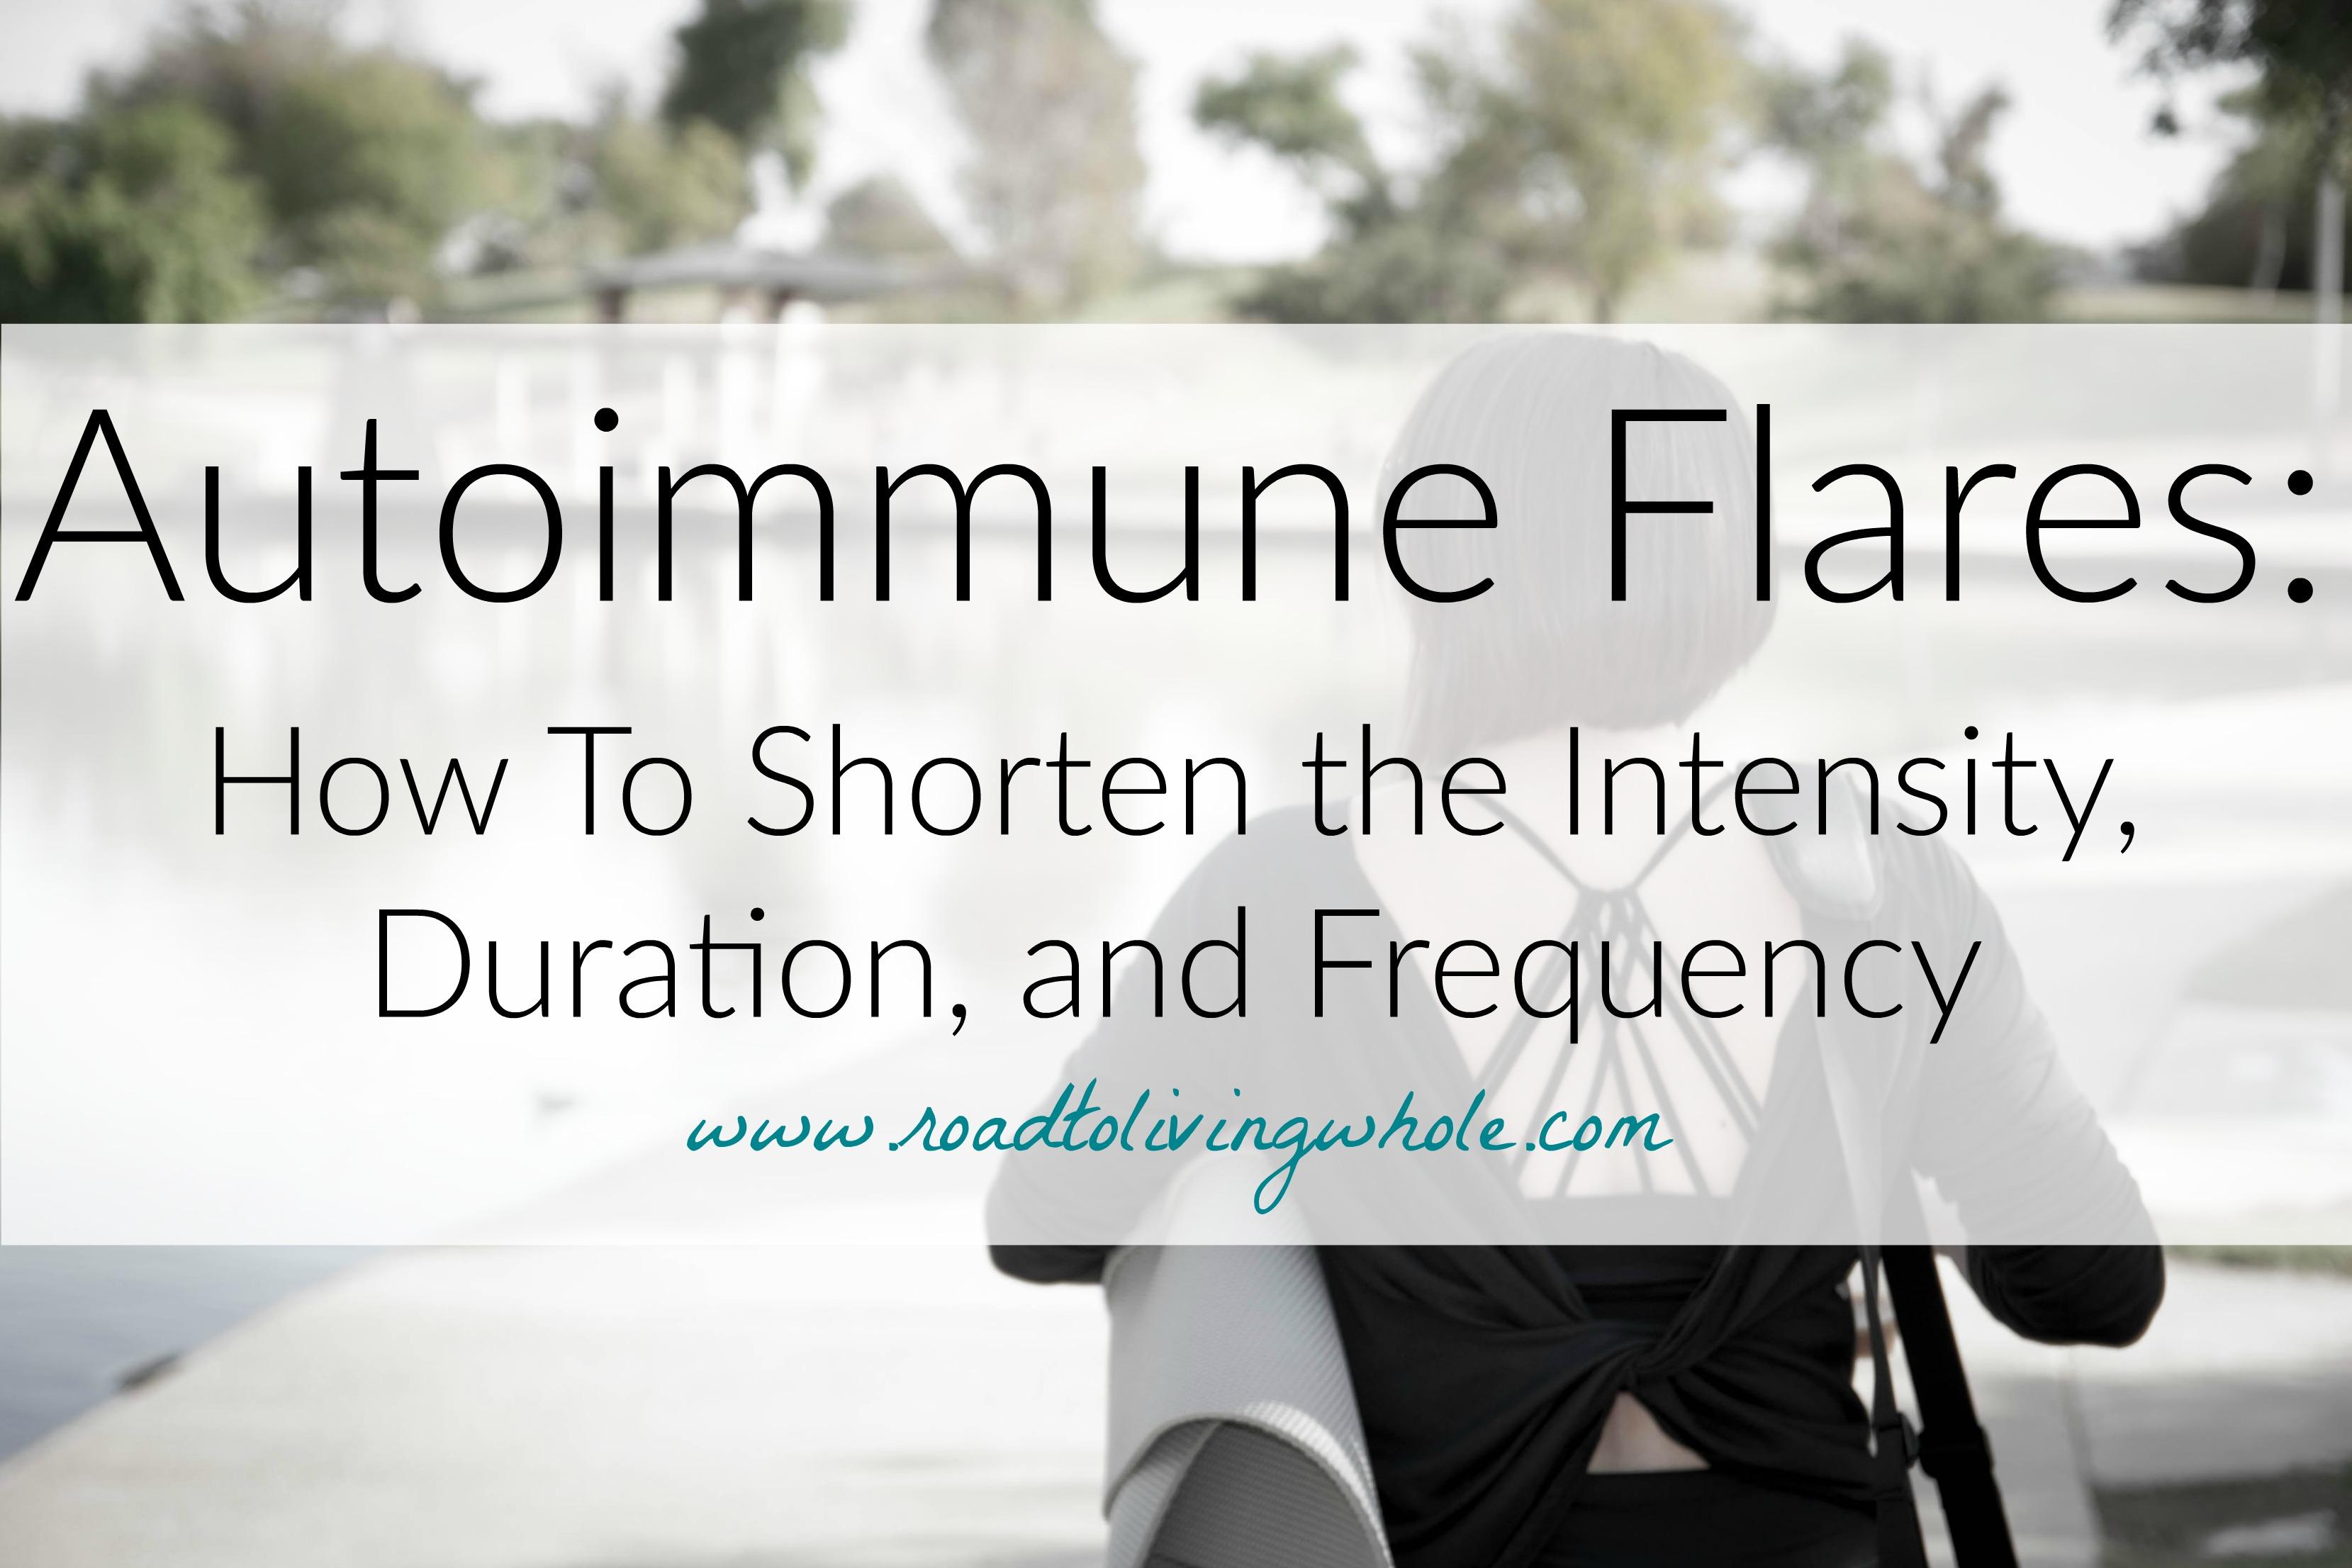 autoimmune flares shorten